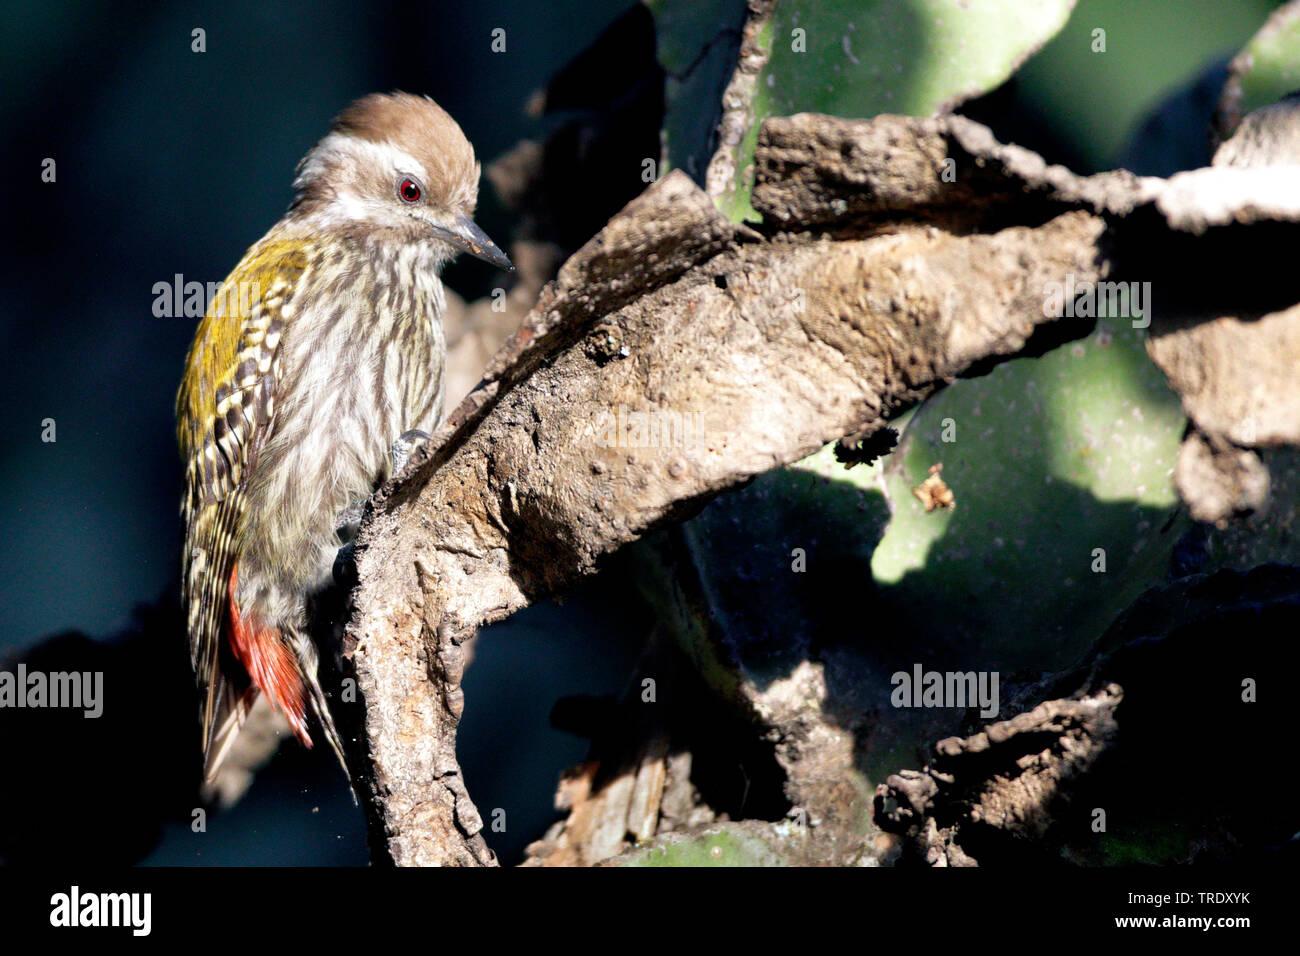 Wacholderspecht, Wacholder-Specht (Dendropicos abyssinicus), Weibchen sitzt auf einem Ast, Aethiopien   golden-mantled woodpecker (Dendropicos abyssin - Stock Image